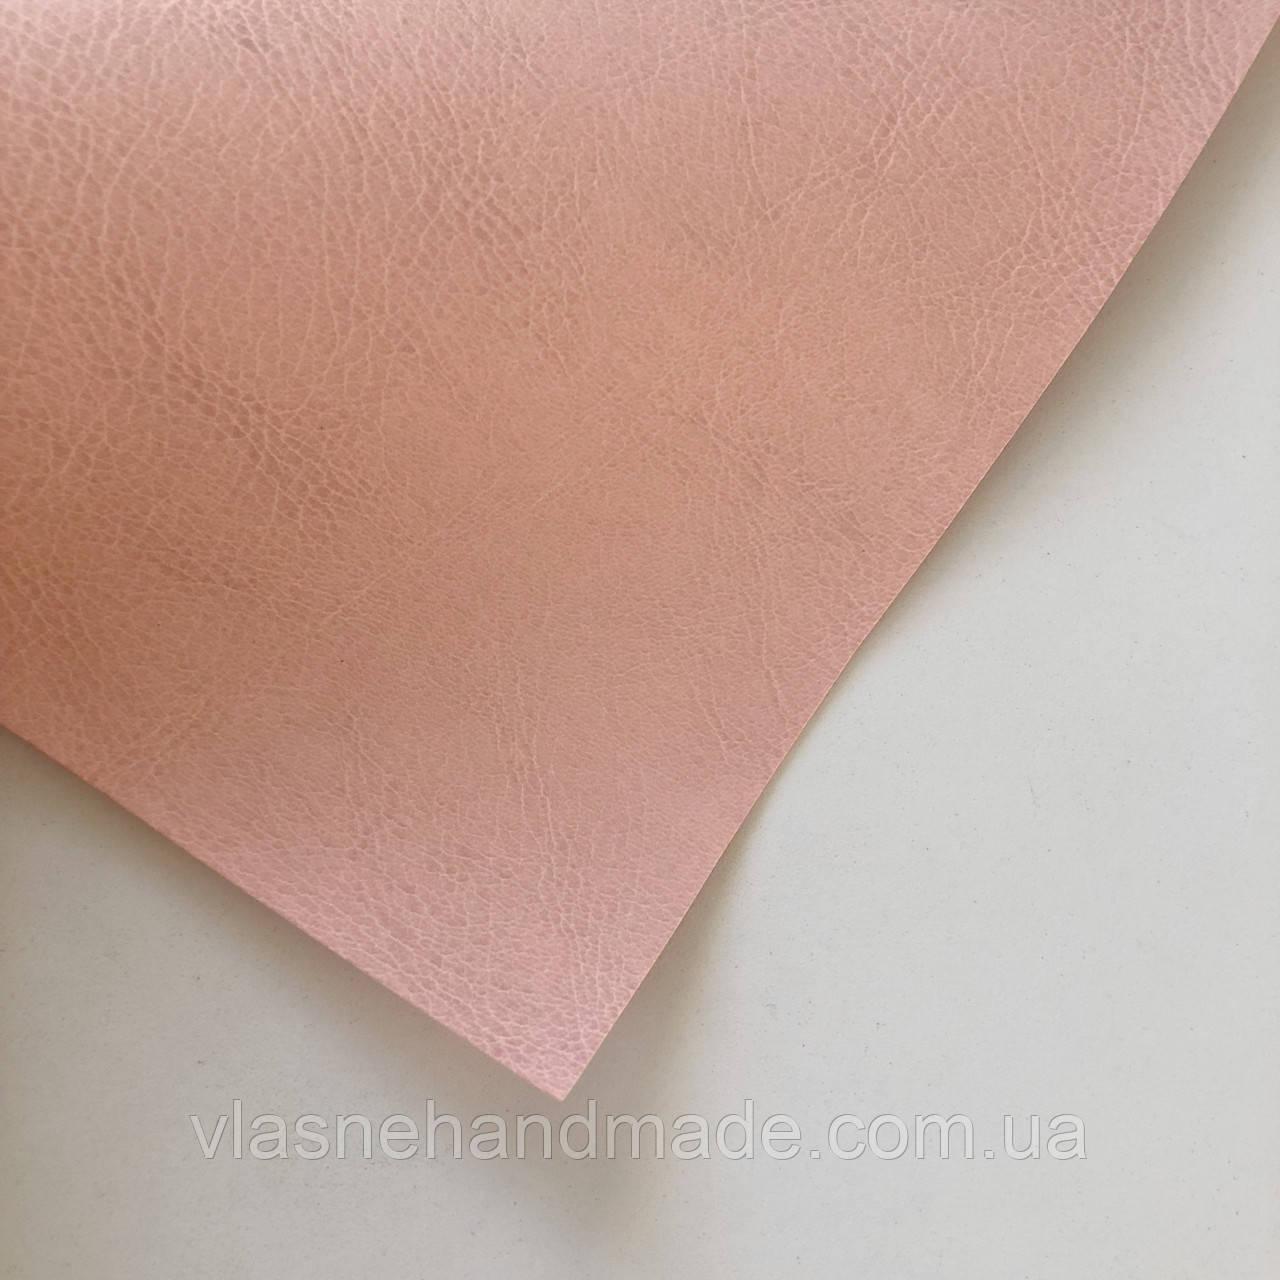 Шкірзамінник палітурний - матово-глянцевий - пудровий - виробник Італія - 25х35 см